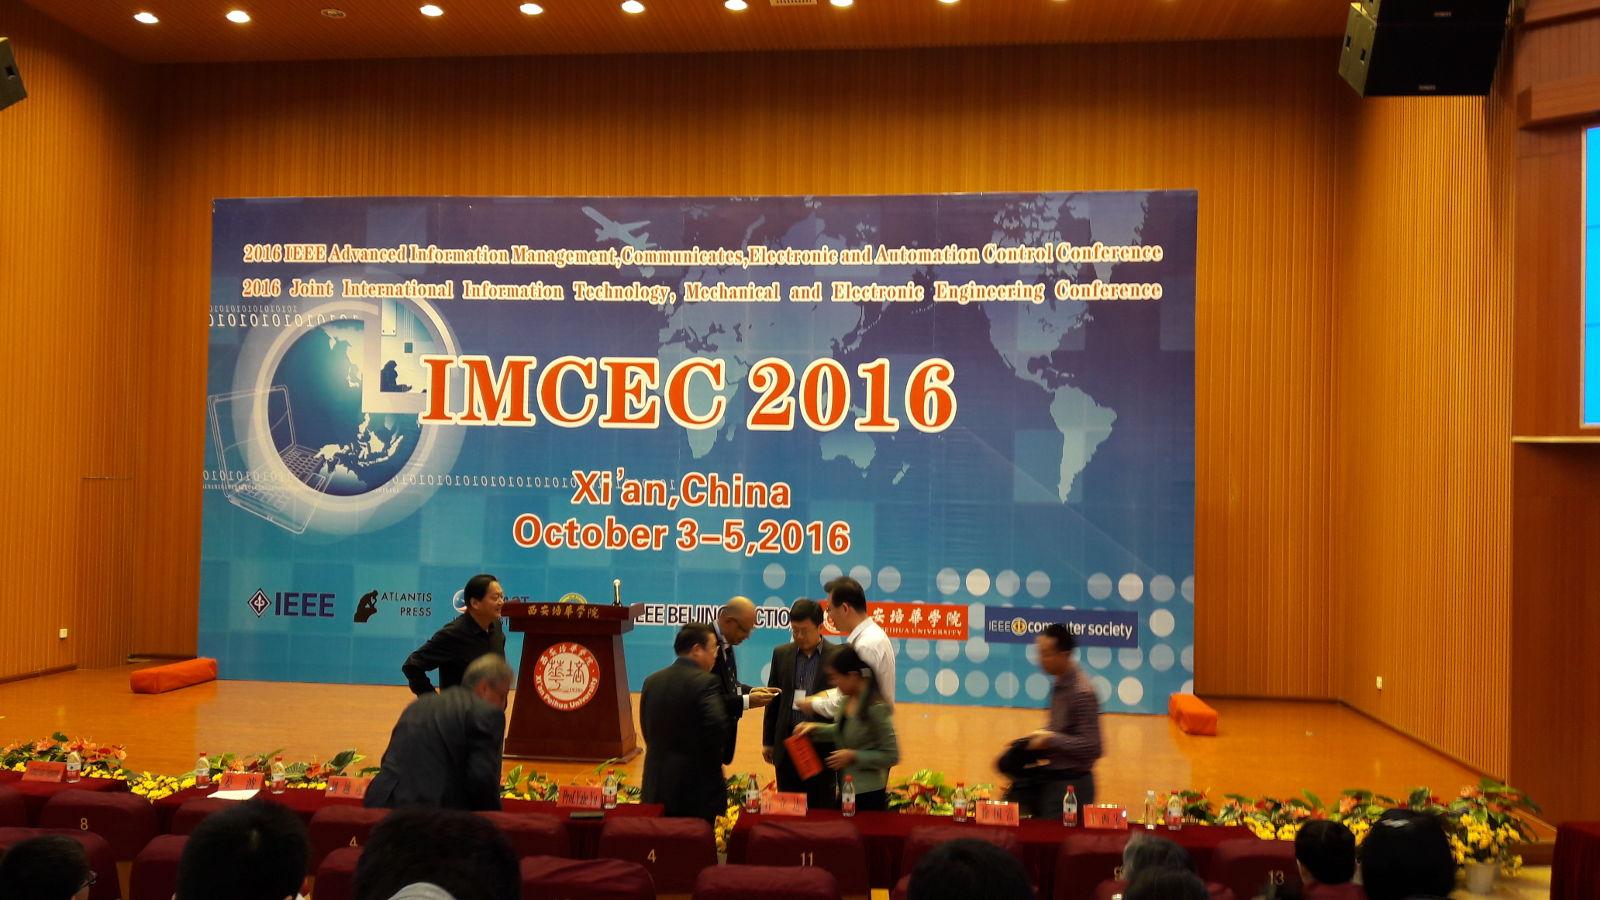 IMCEC 2016 in Xi'an